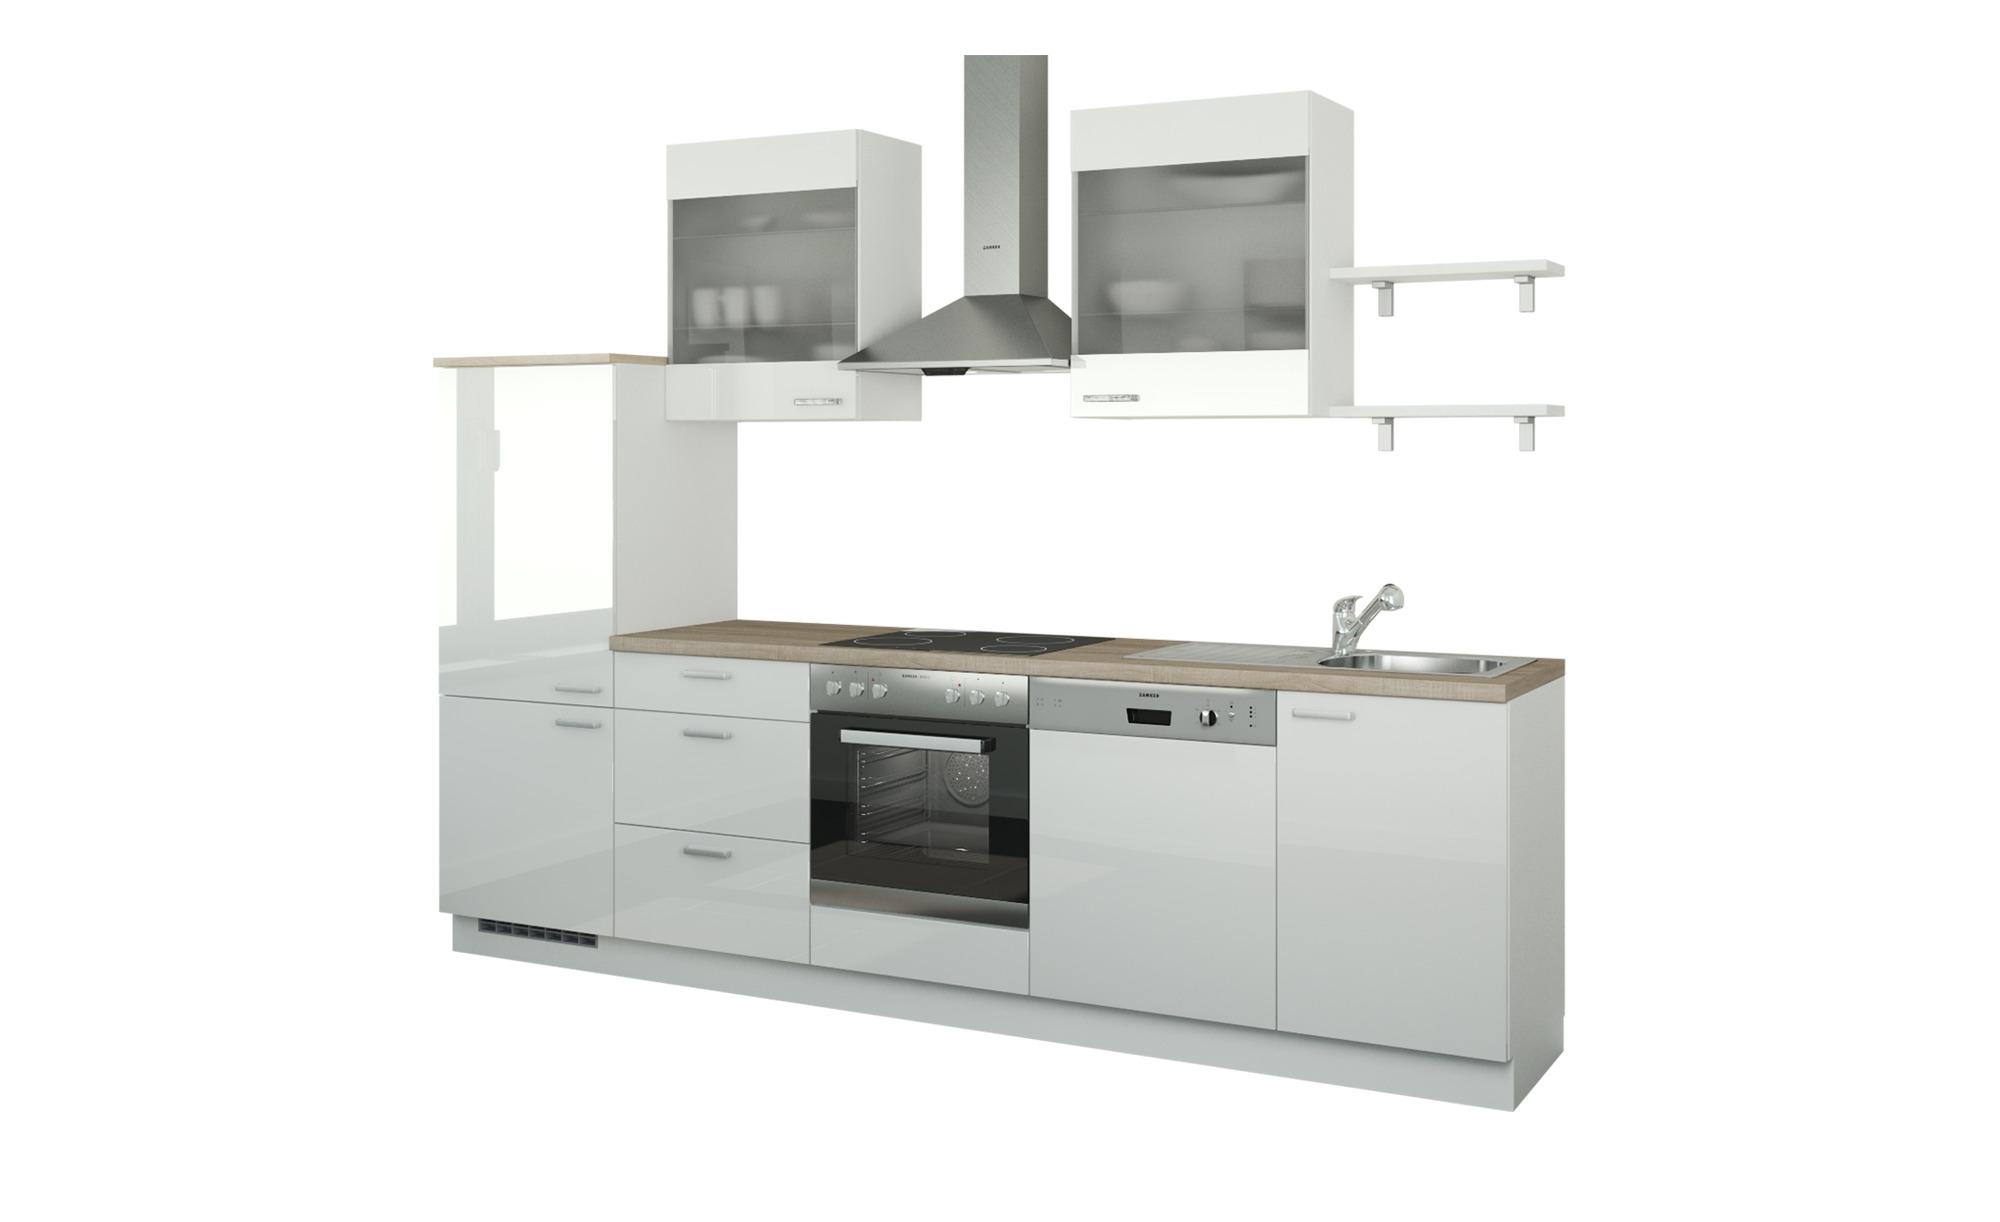 Küchenzeile ohne Elektrogeräte  Hamburg ¦ weiß ¦ Maße (cm): B: 290 Küchen > Küchenblöcke ohne E-Geräte - Höffner